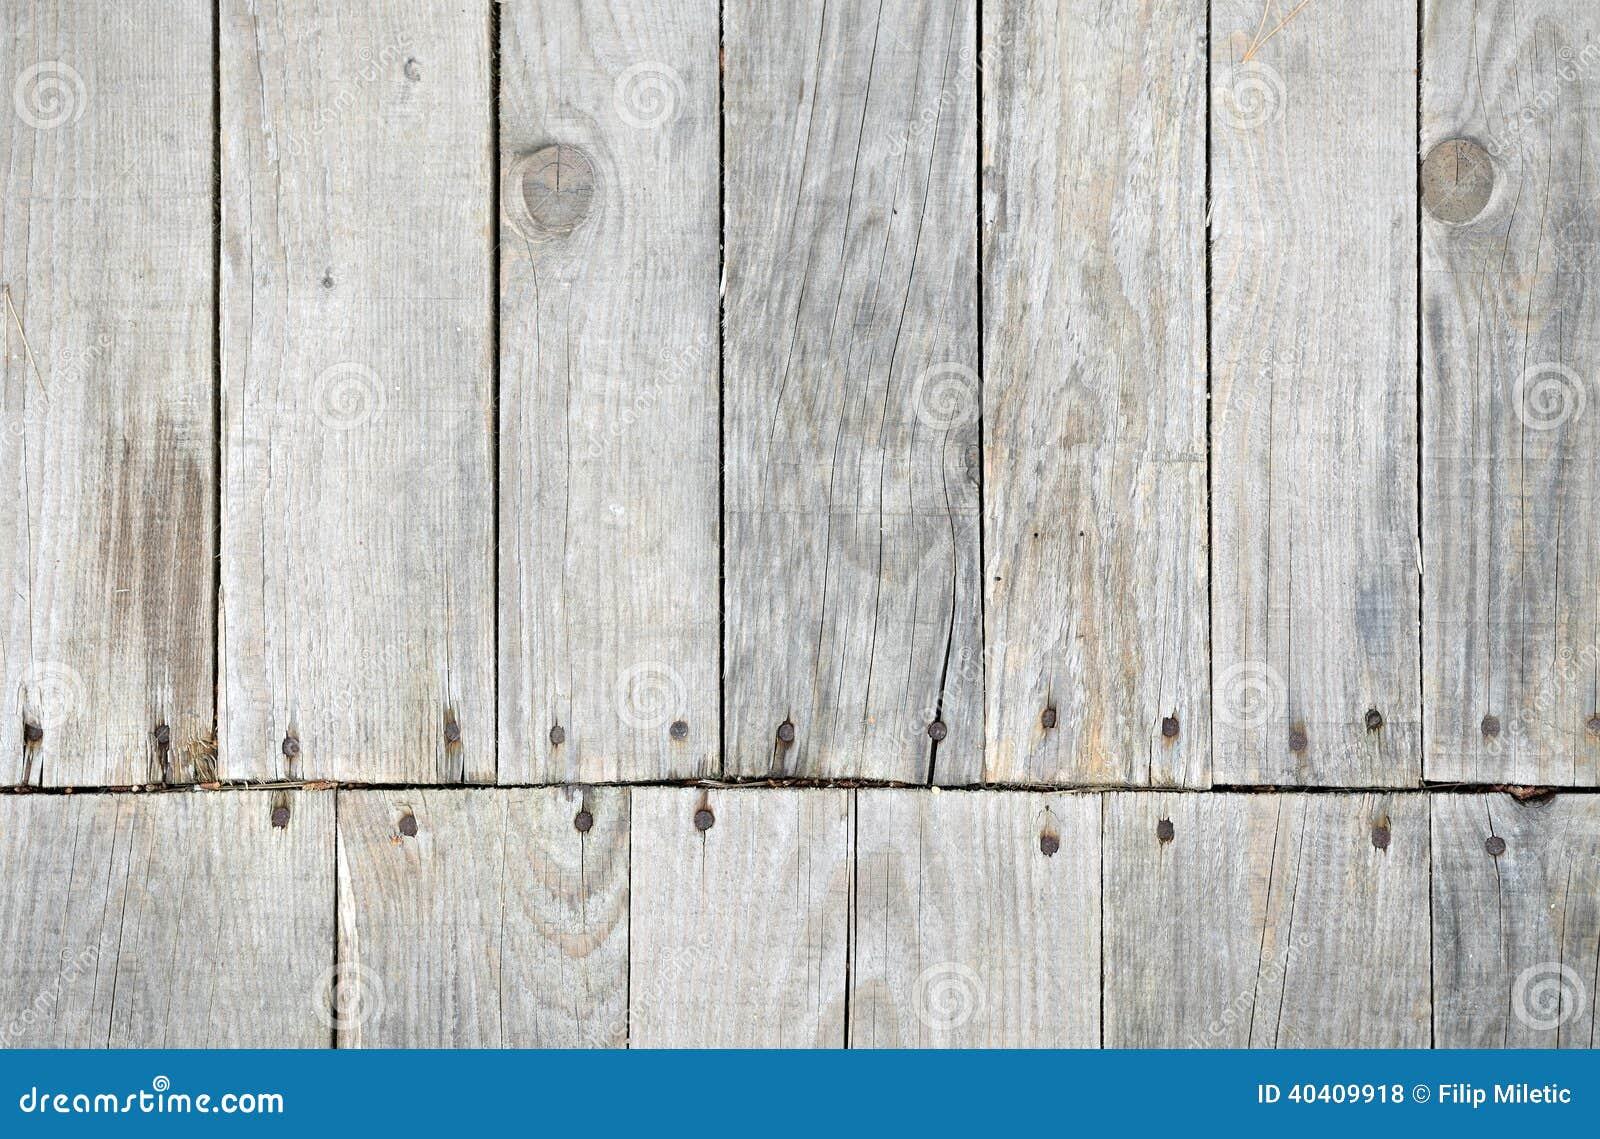 Wooden decking detail